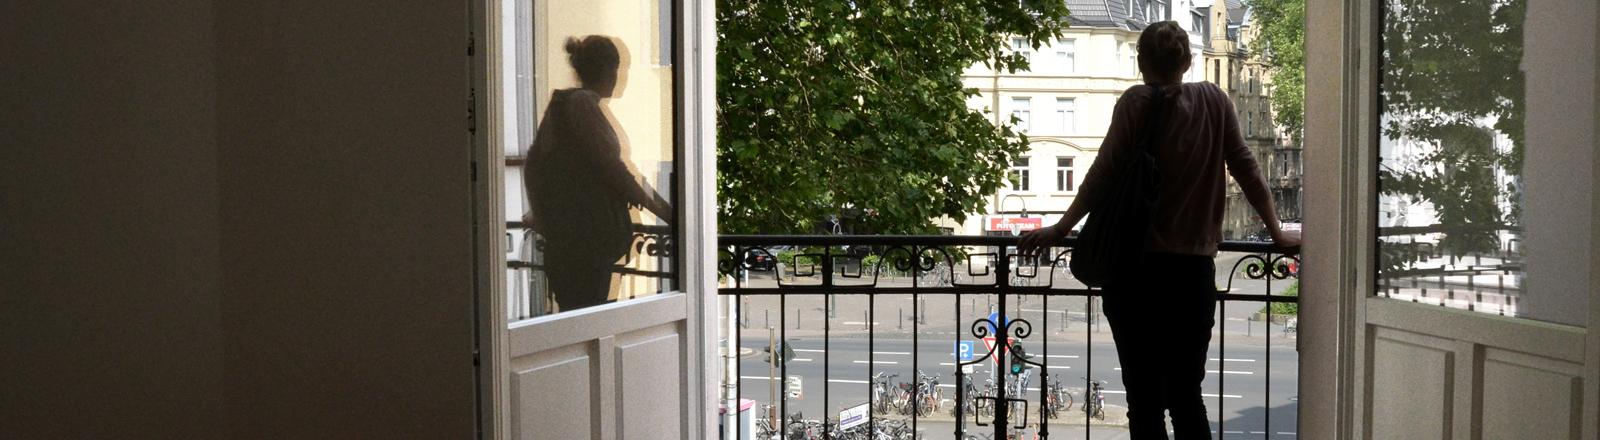 Frau steht am offenen Fenster einer leeren Wohnung